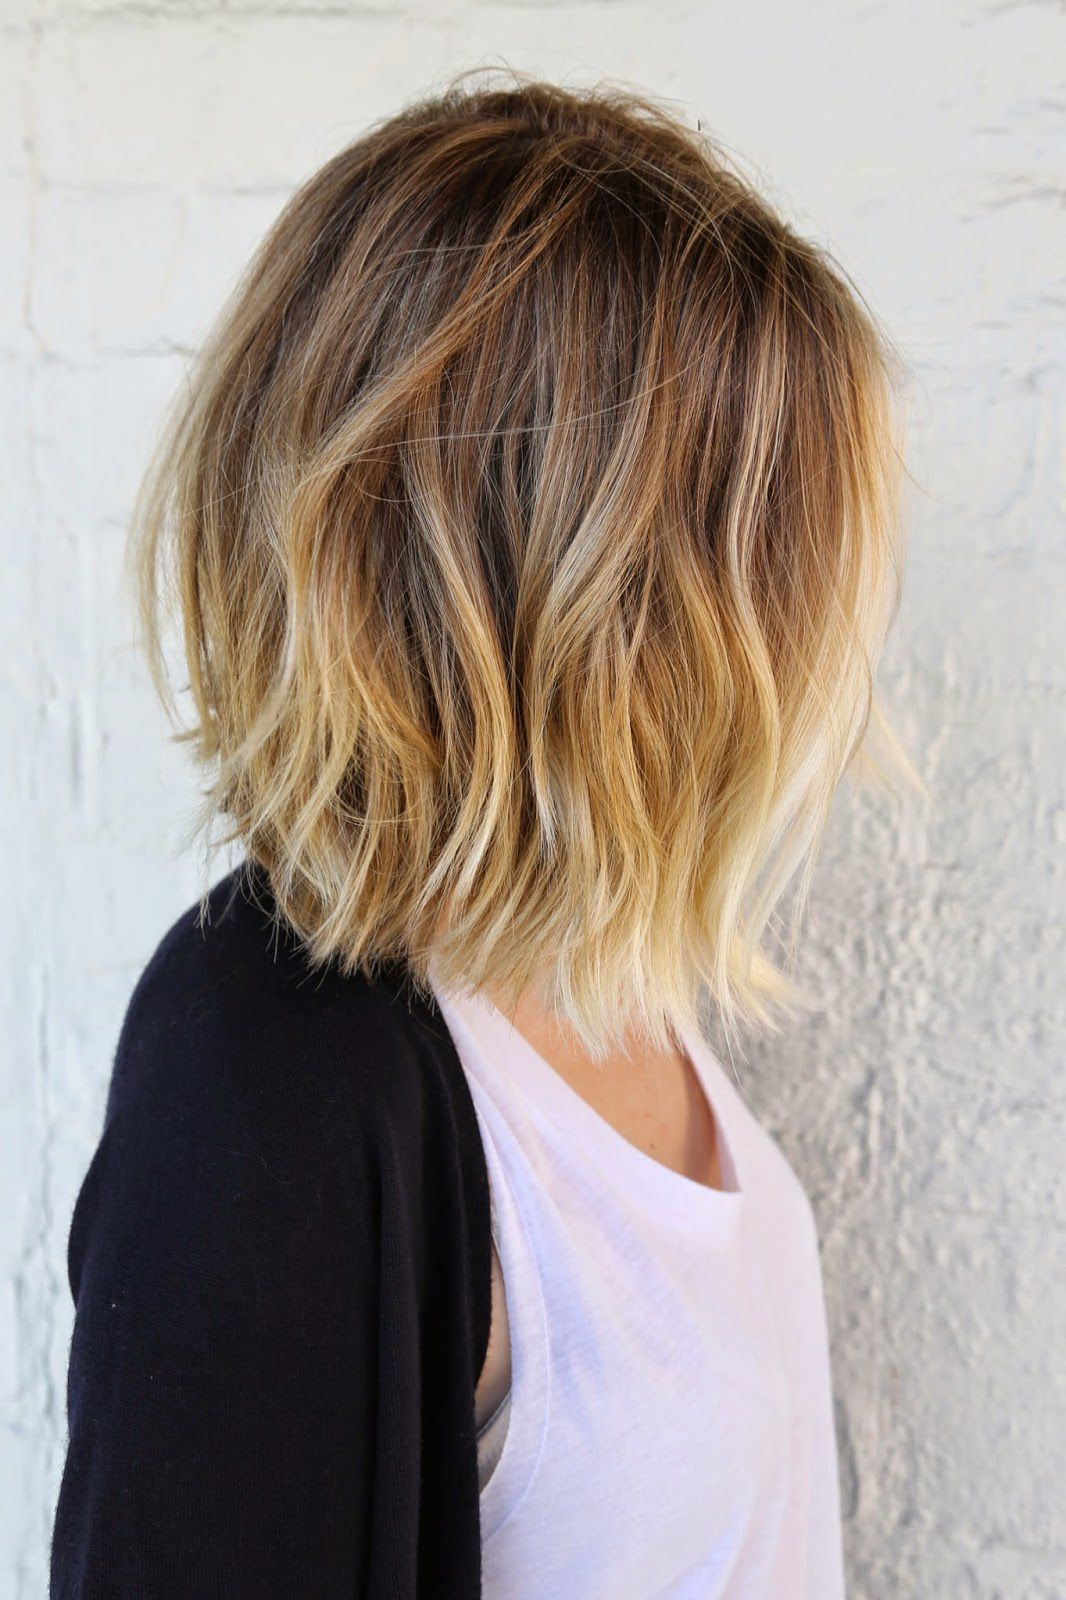 cortes y tintes de cabello para cambiar tu look de una vez por